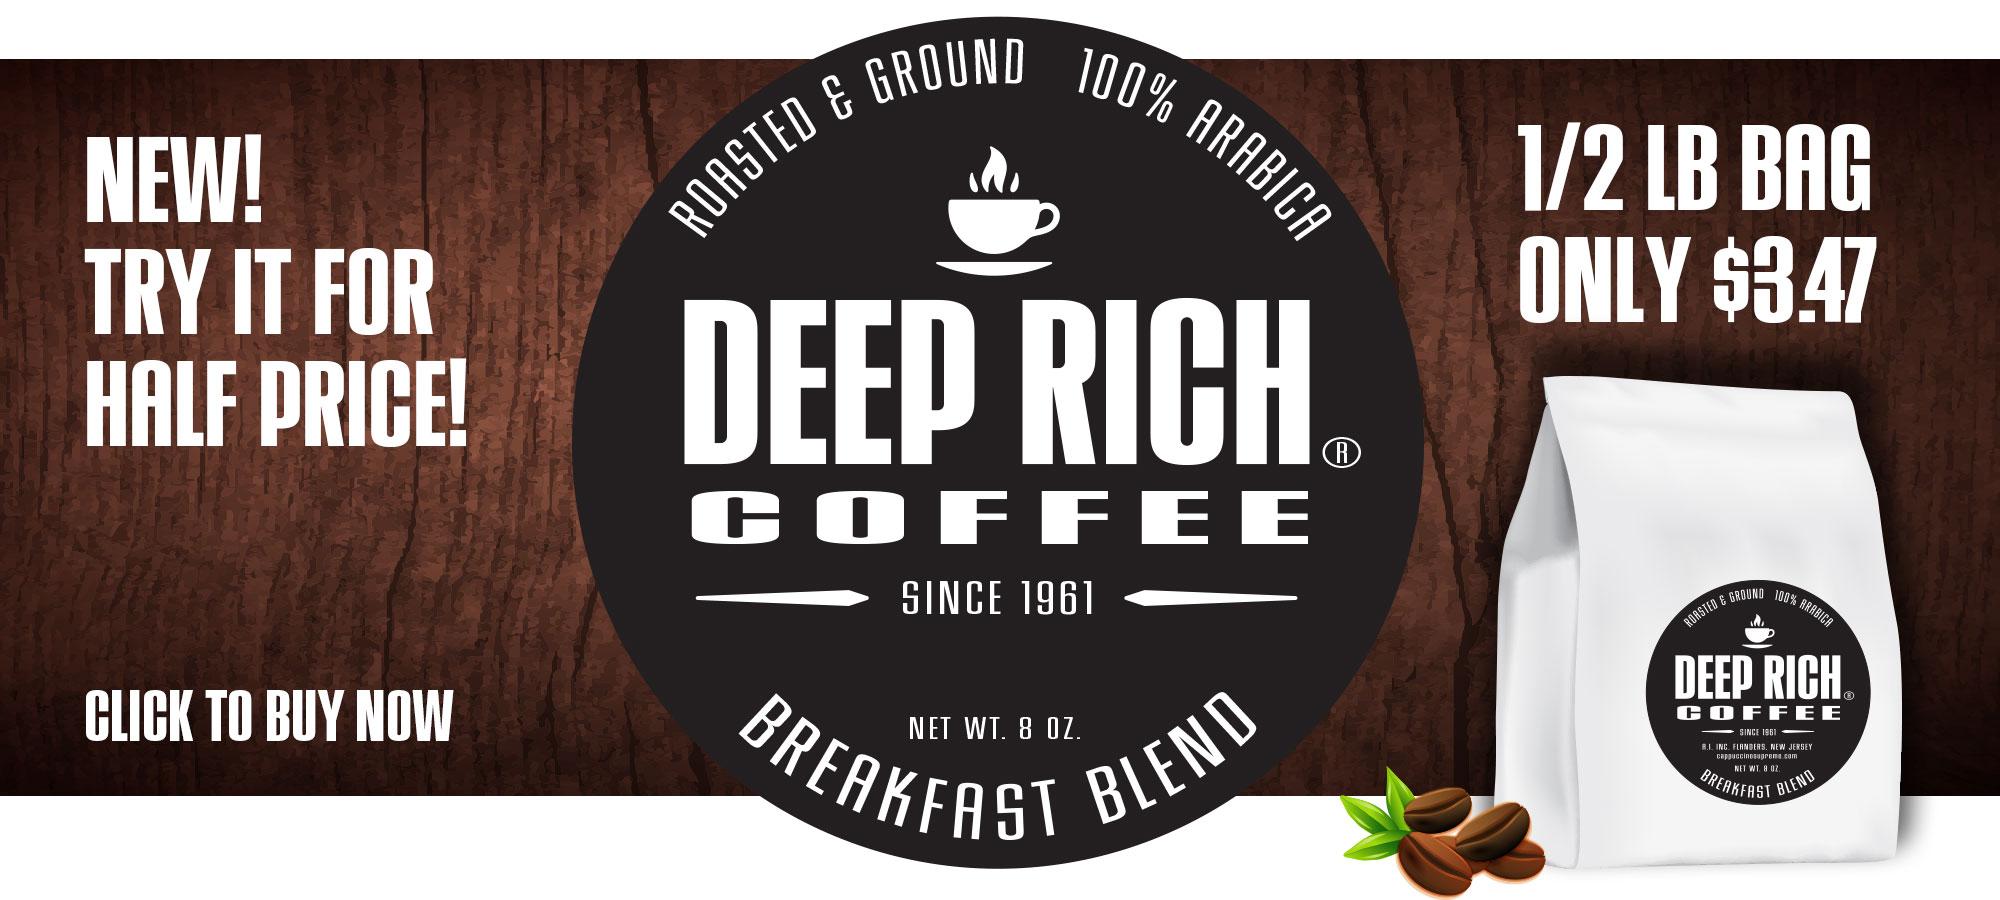 Deep Rich Breakfast Blend coffee on sale now 50% off